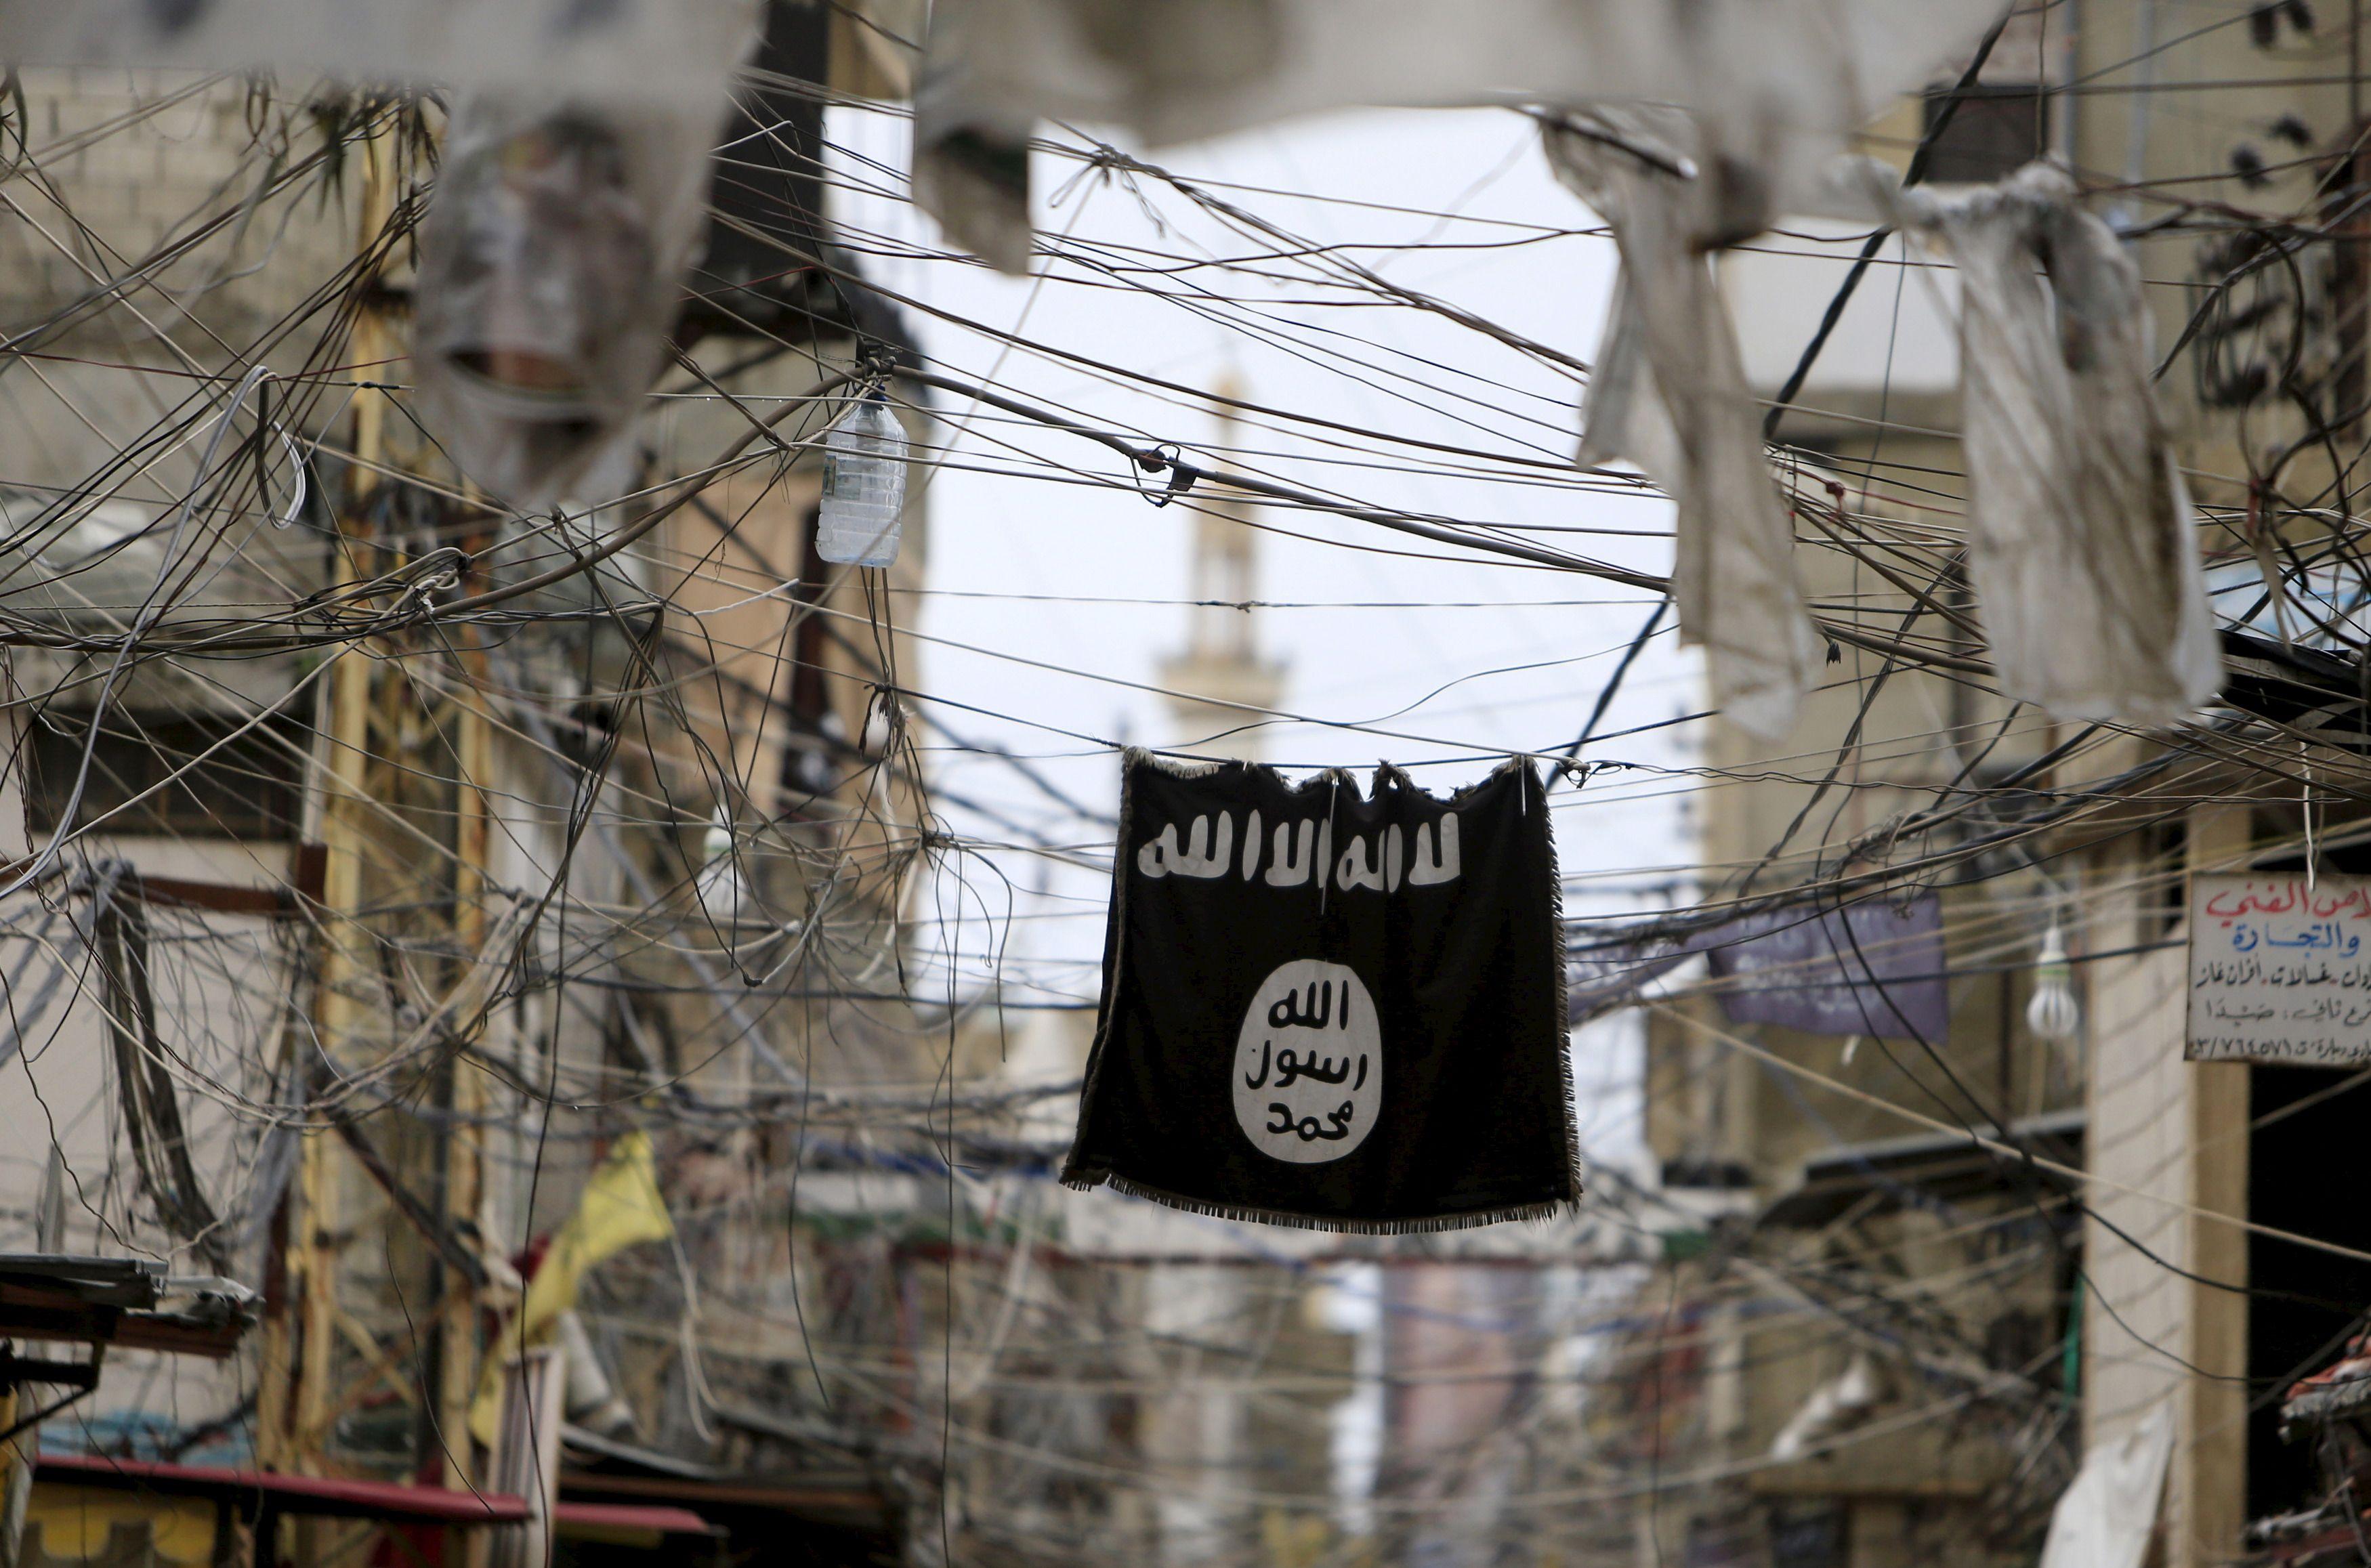 Pourquoi la présence accrue de membres de l'Etat islamique en Europe pointée par le chef du renseignement américain pourrait correspondre au retour de djihadistes partis combattre en Syrie